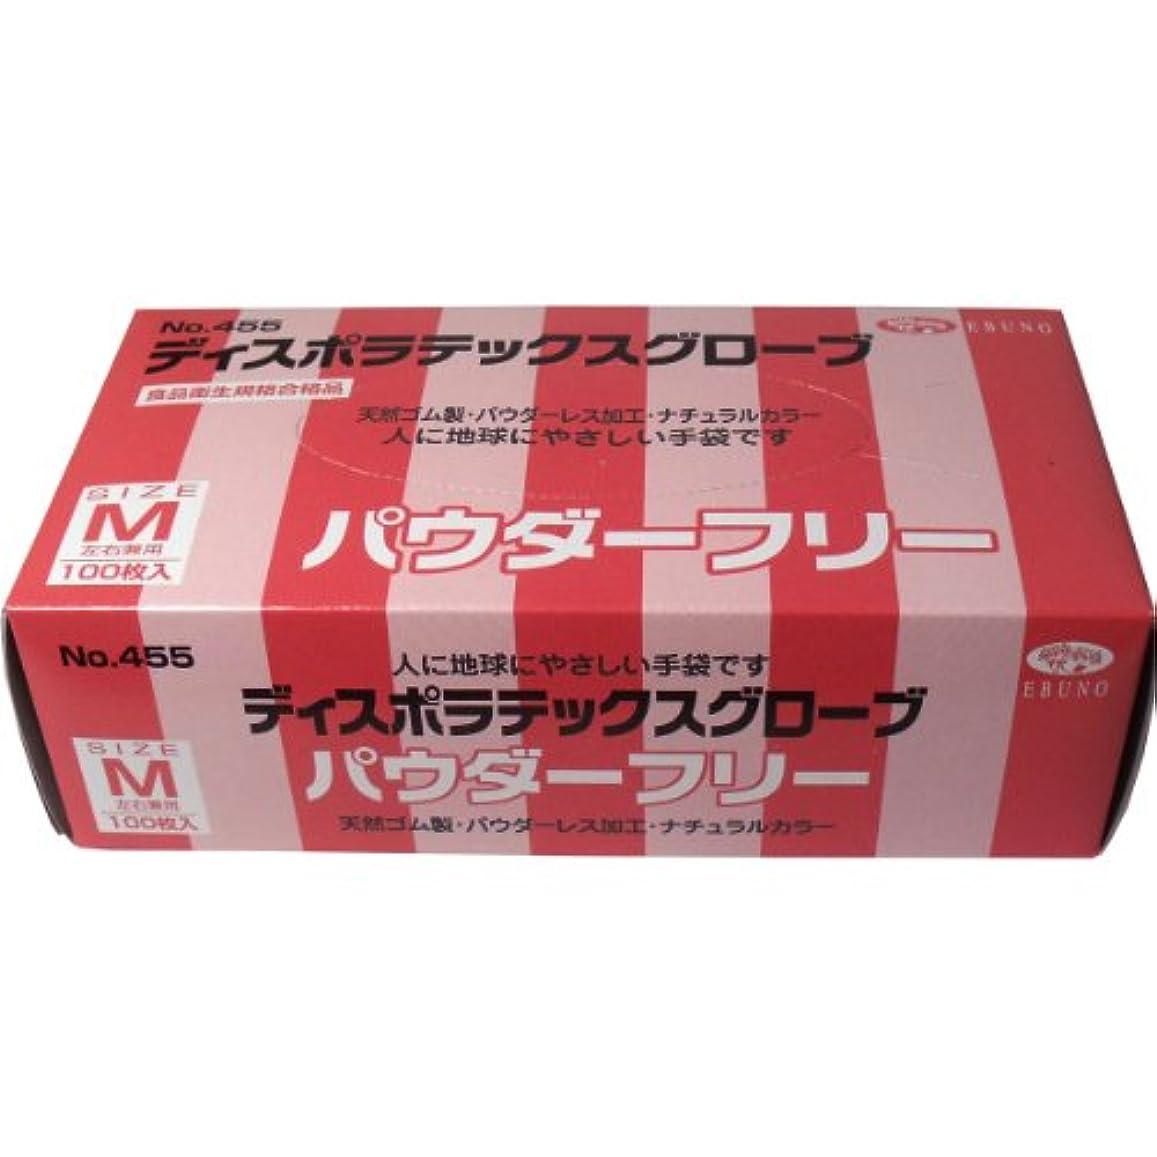 配列習字エンジニアリングディスポ ラテックスグローブ(天然ゴム手袋) パウダーフリー Mサイズ 100枚入×2個セット